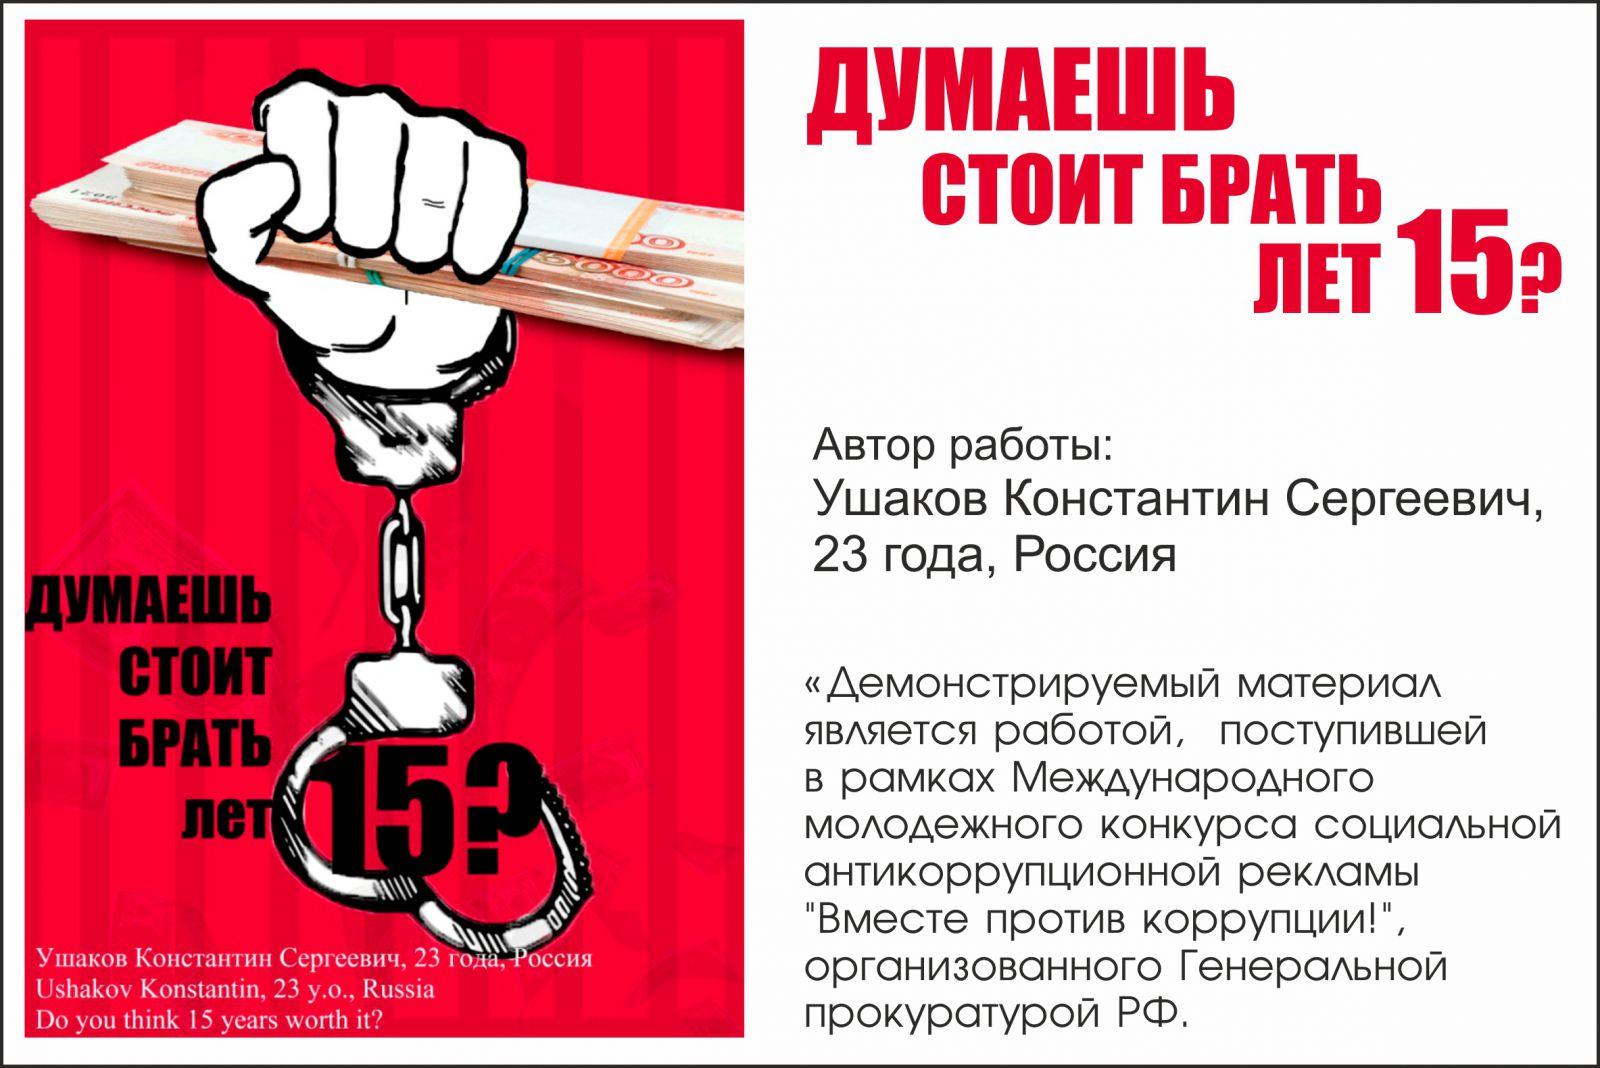 Конкурс Прокуратуры РФ | плакат Ушакова К.С.